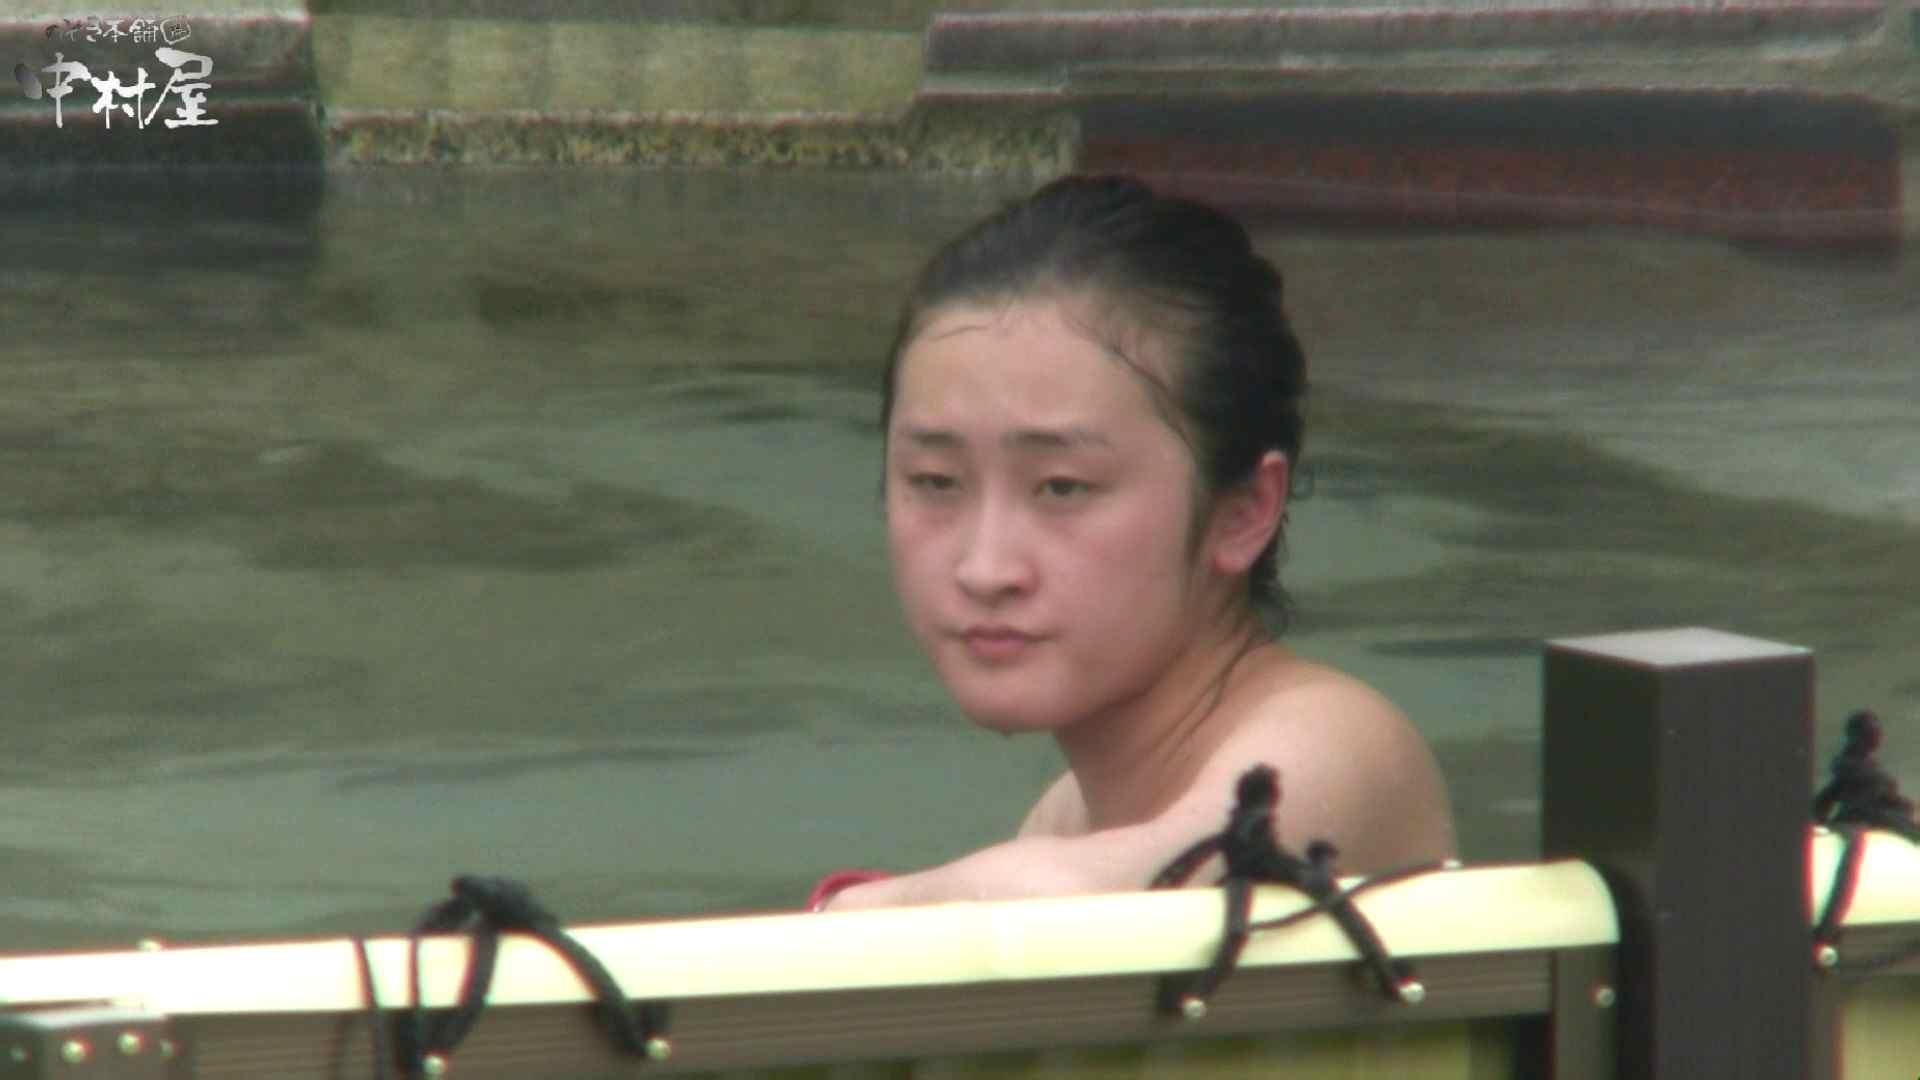 Aquaな露天風呂Vol.949 OLのエロ生活 | 盗撮  67連発 43